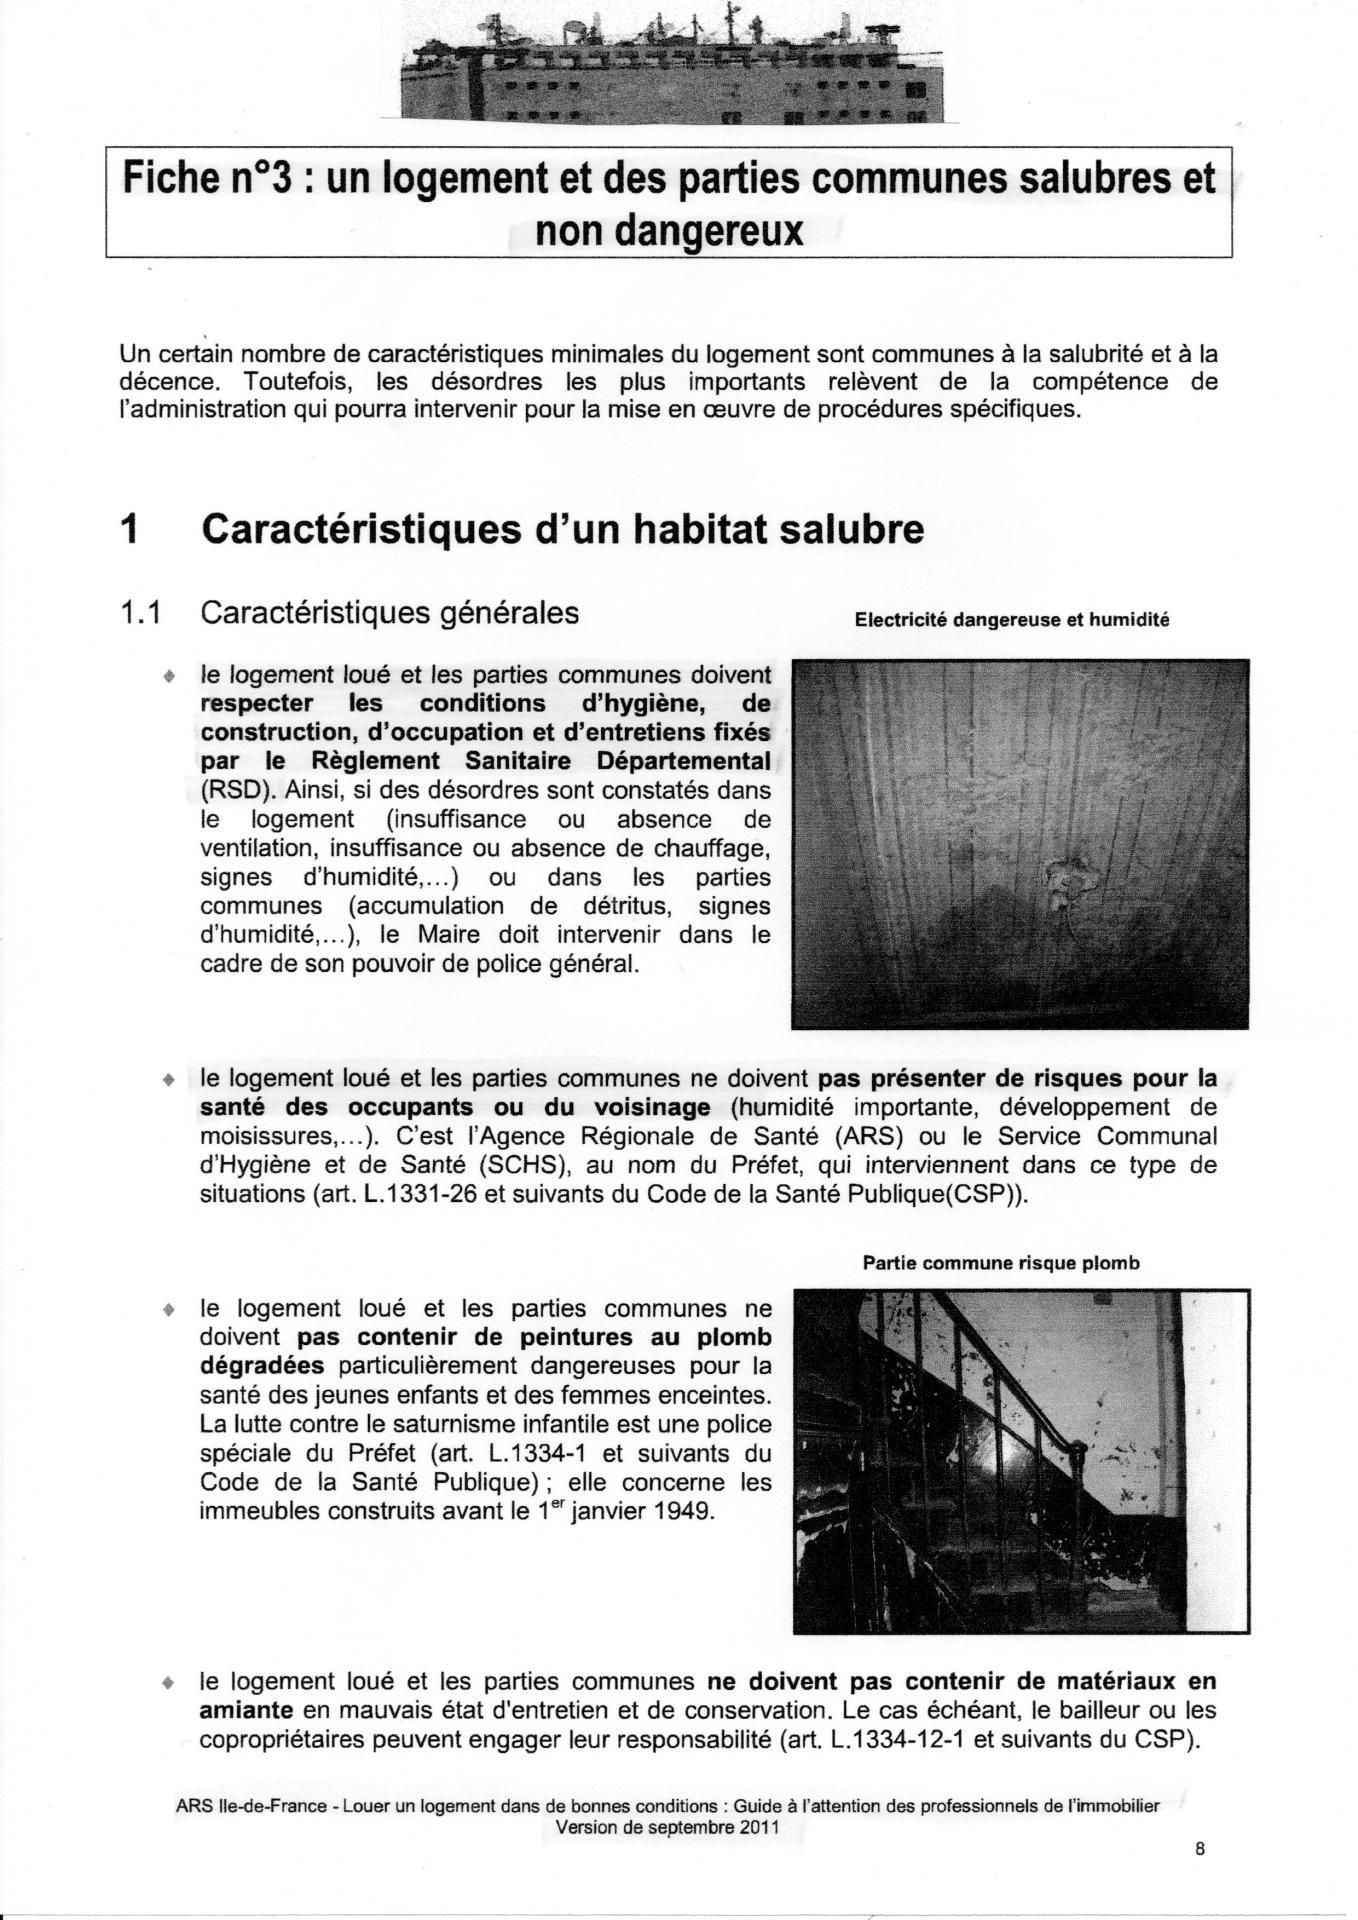 Ars 09 2011 louer un logement dans de bonnes conditions